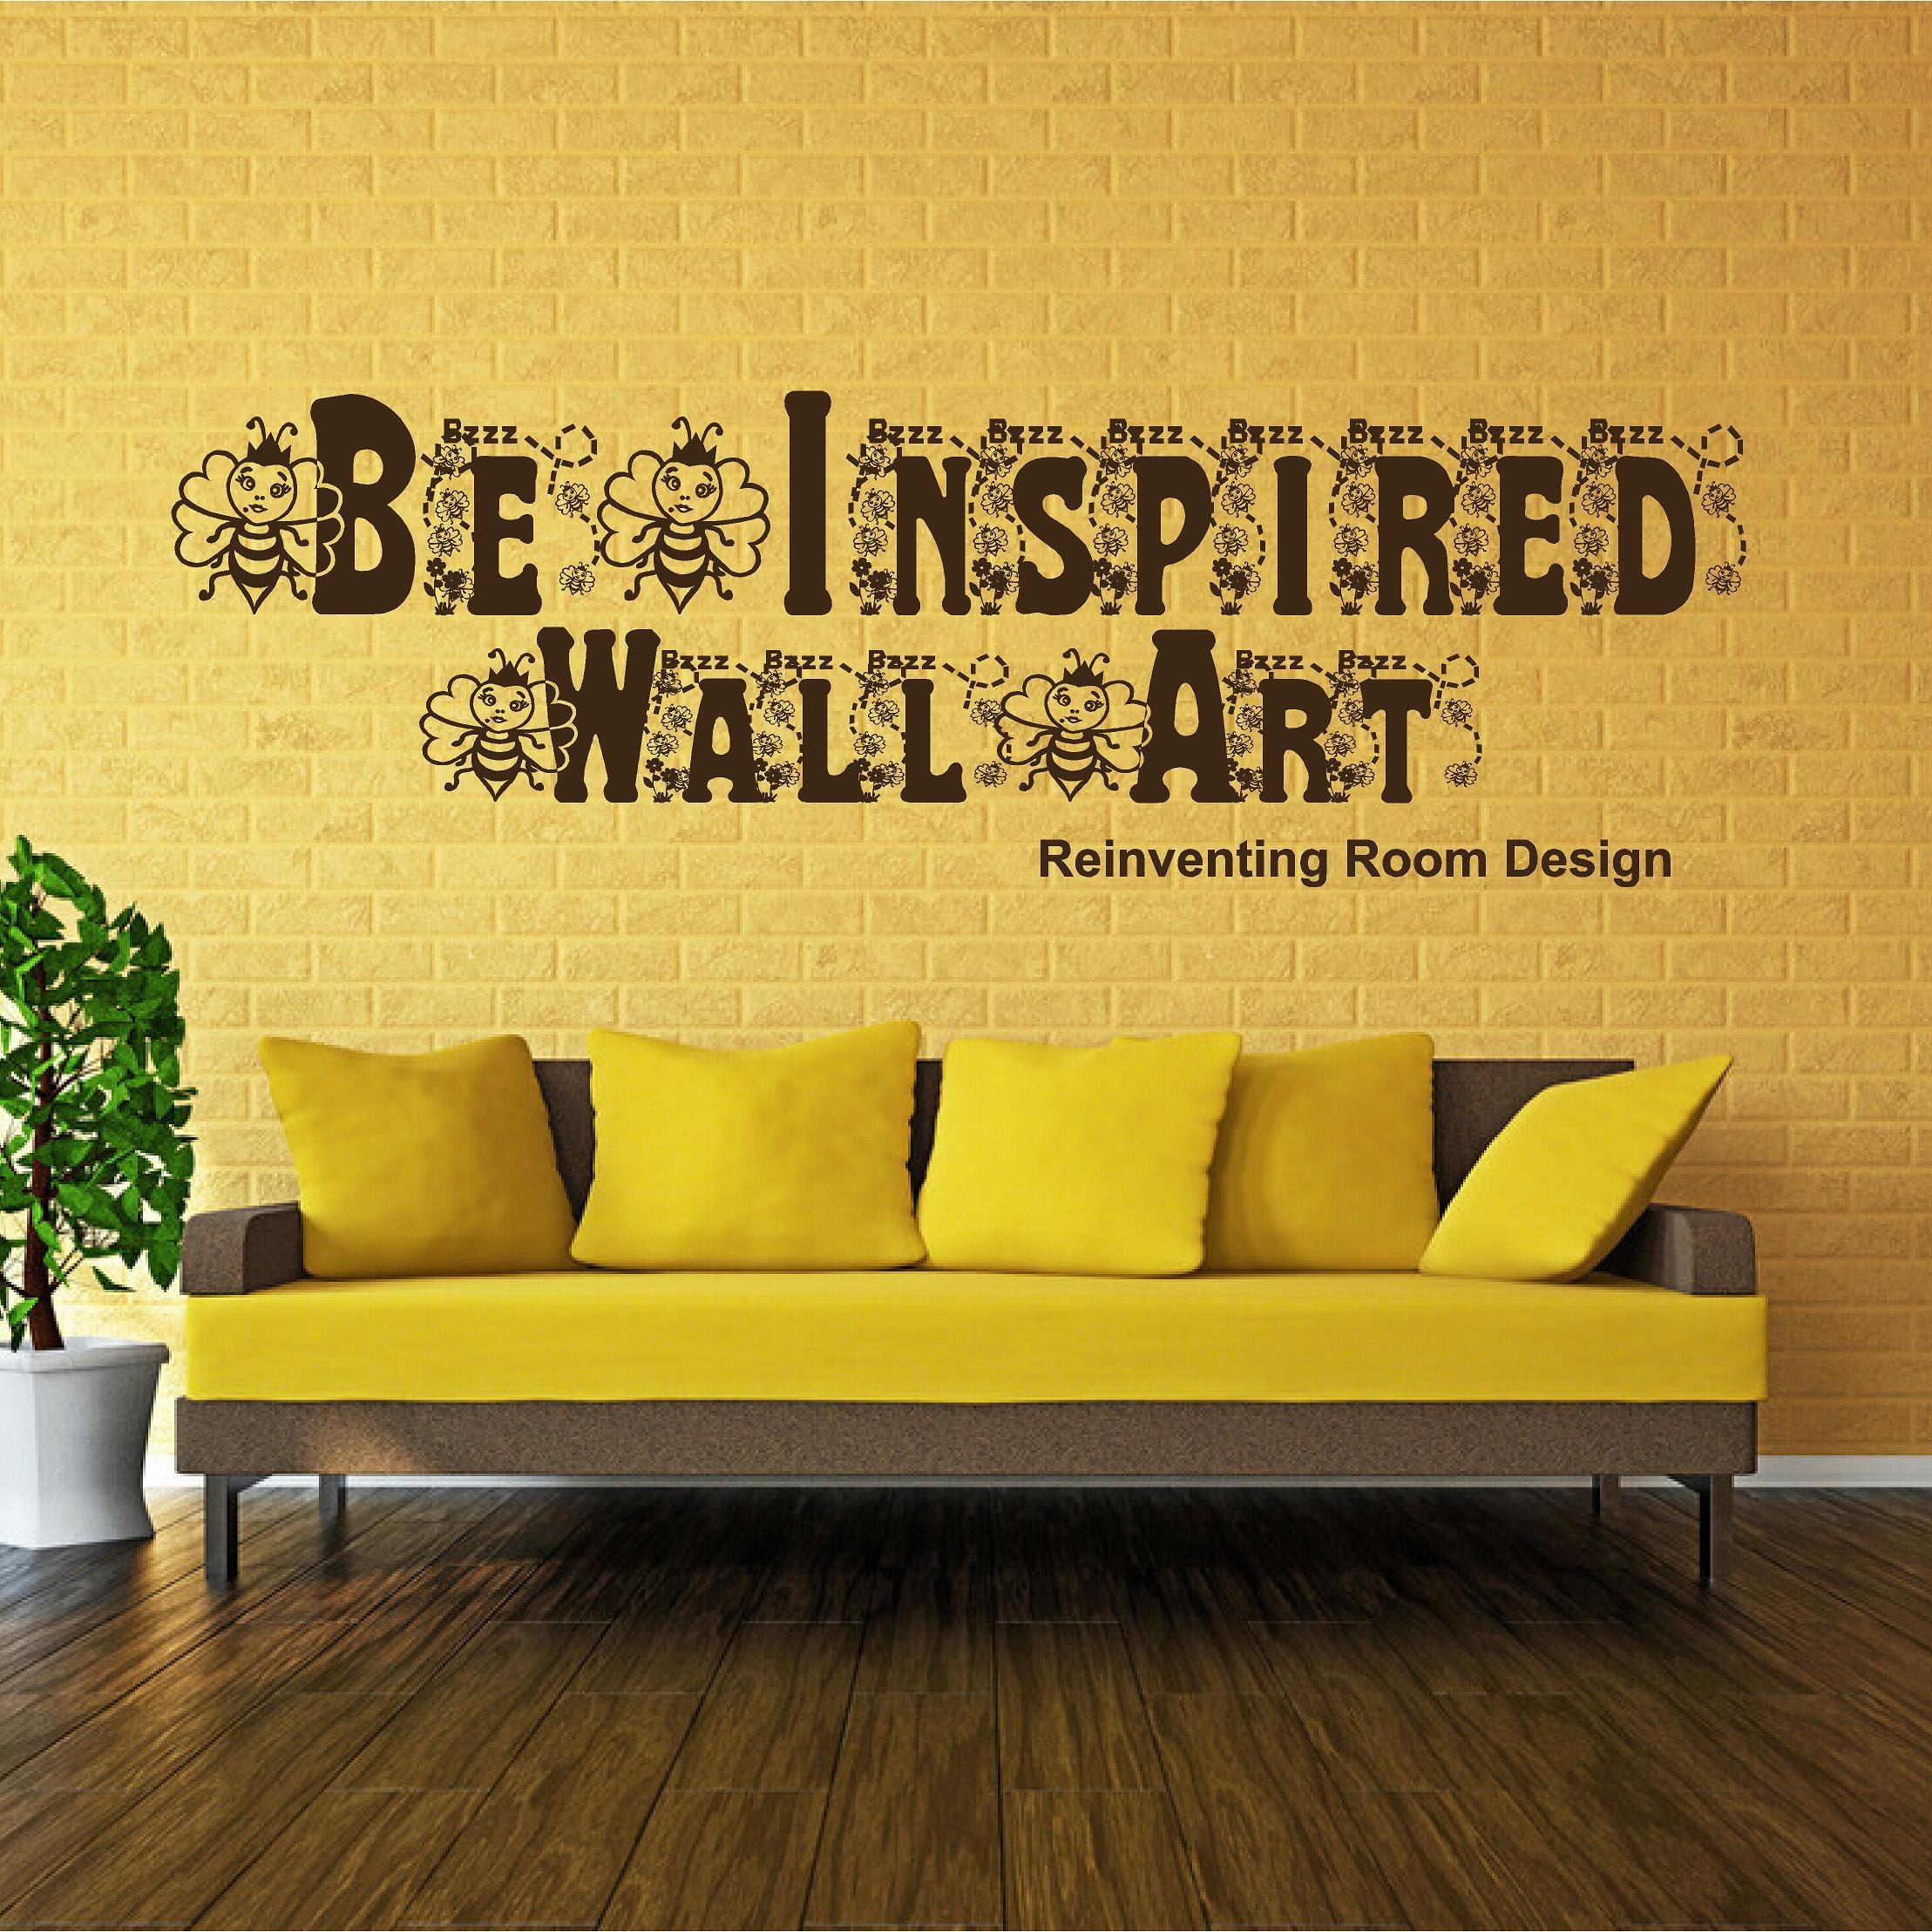 Honda Ek9 Wall Art Sticker 3 sizes | Etsy